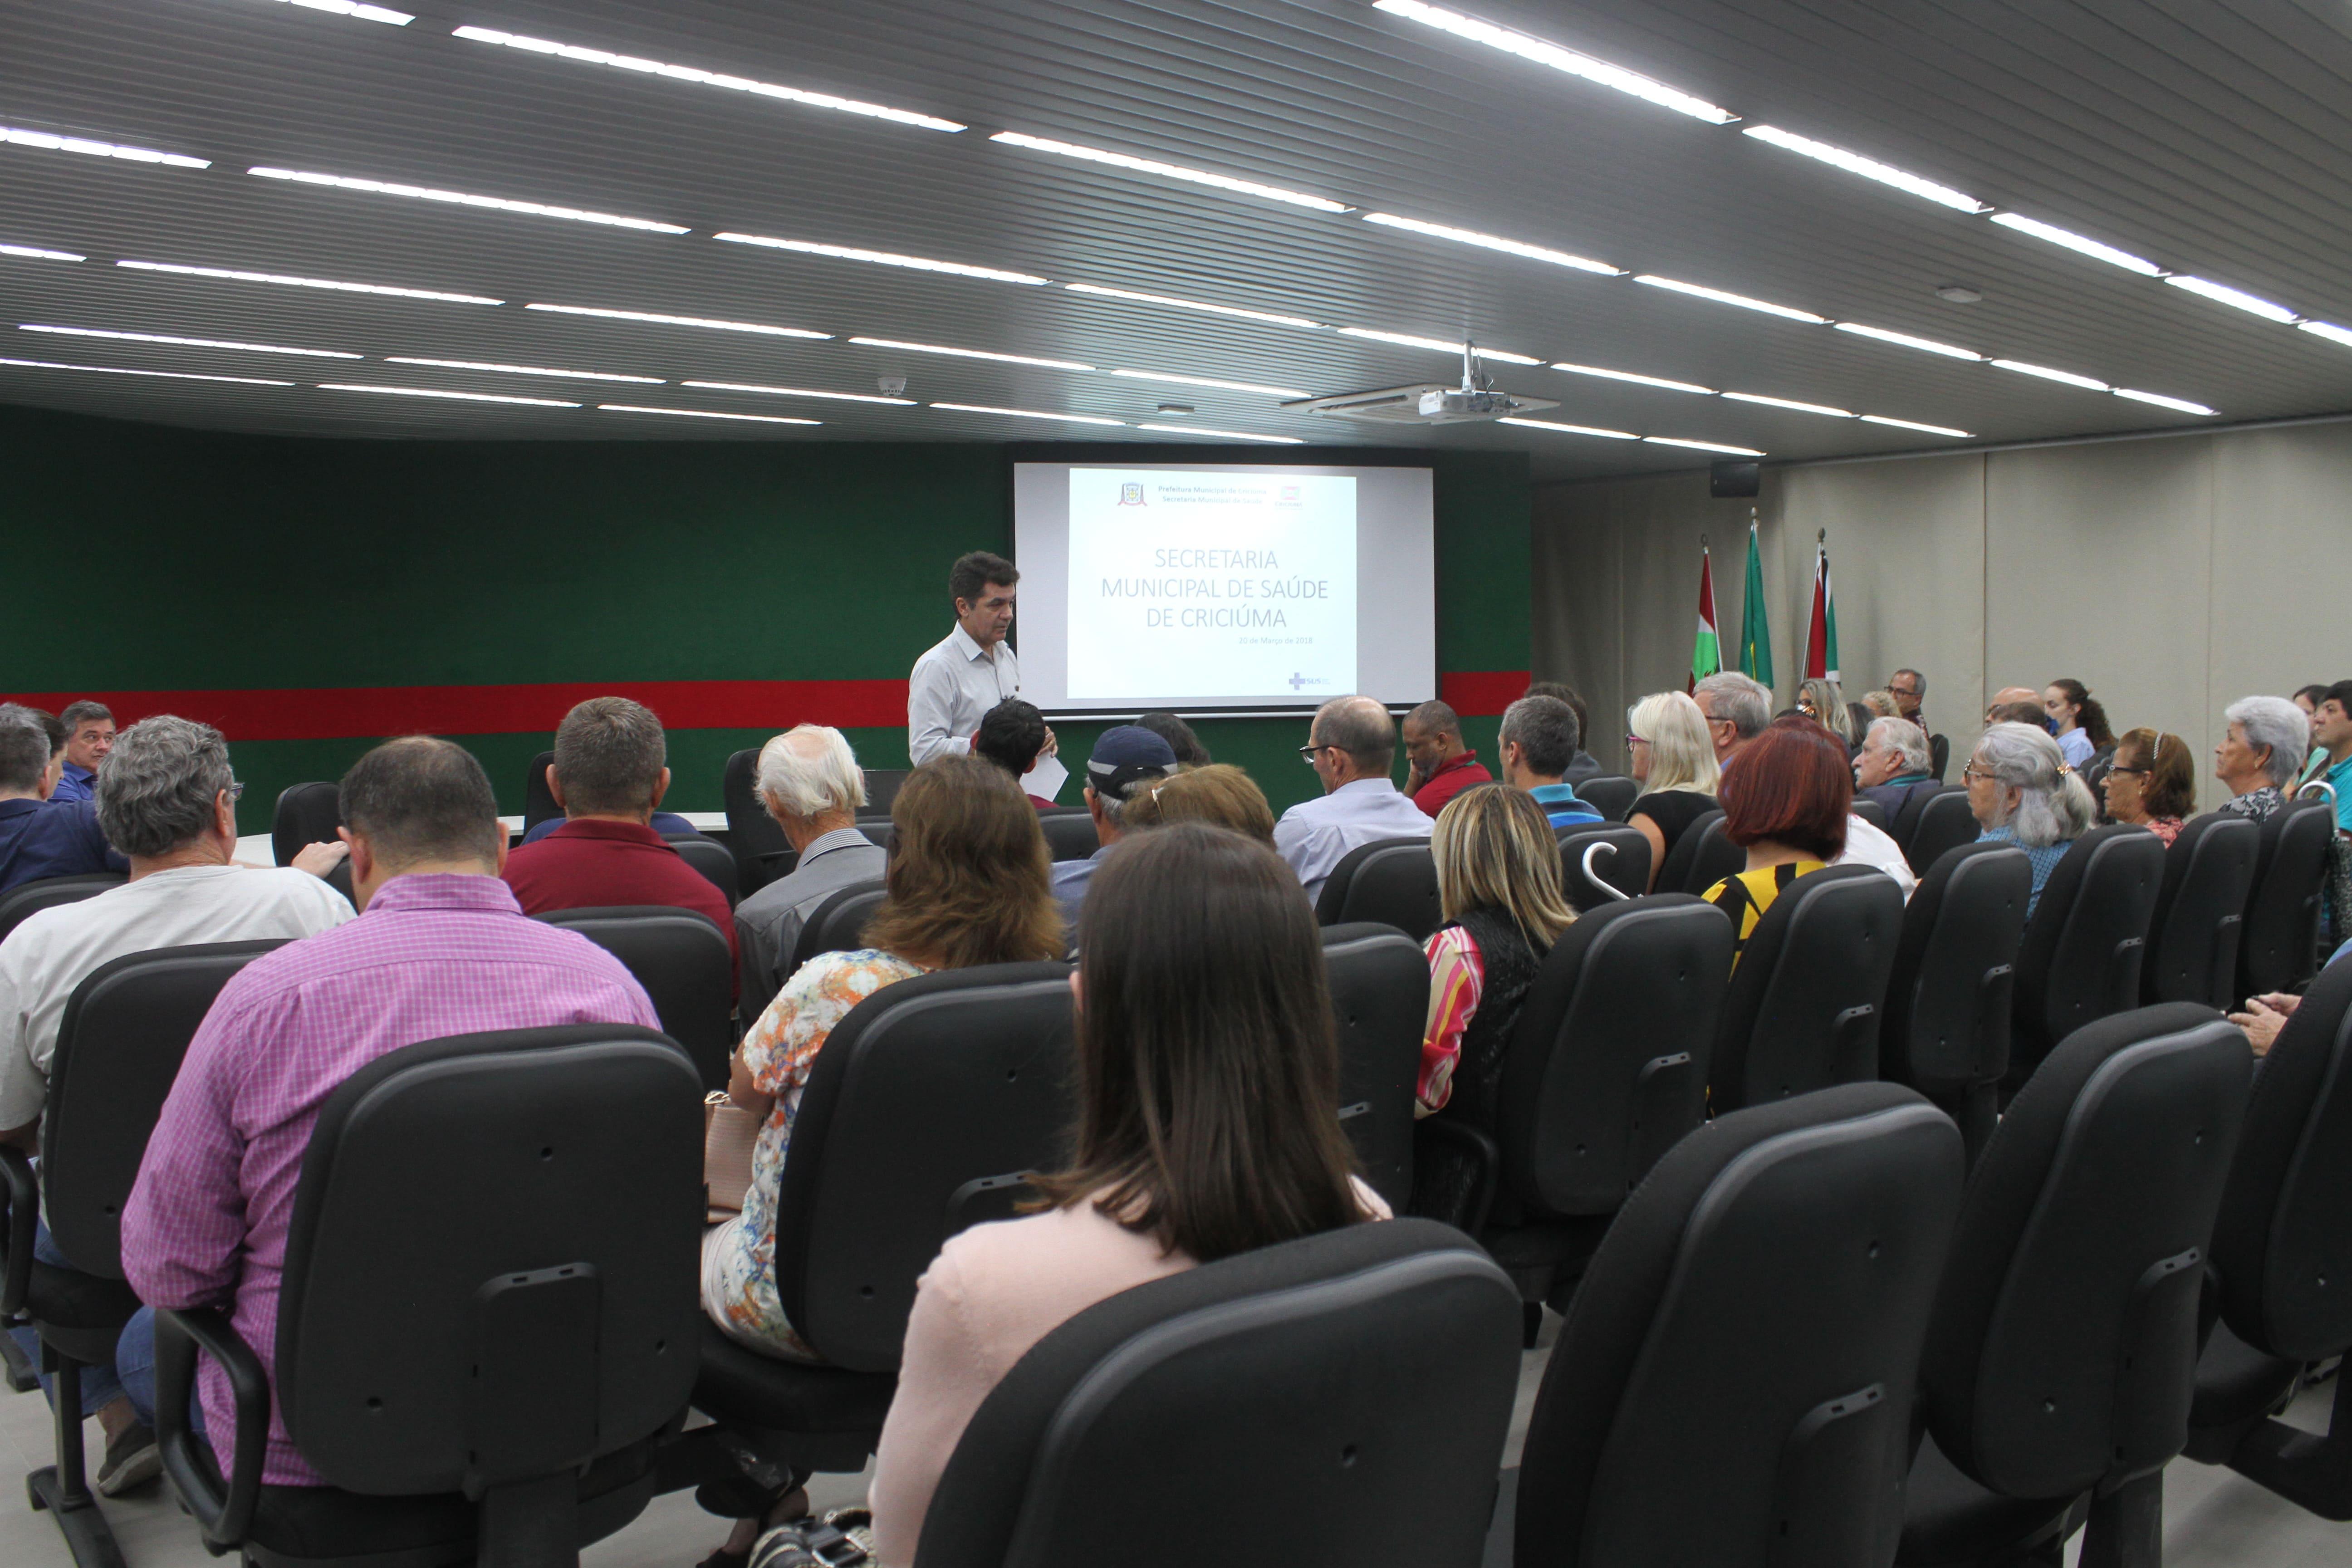 Prefeitura Municipal de Criciúma - Administração Municipal encerra cronograma de encontros abrangendo 50 unidades de saúde